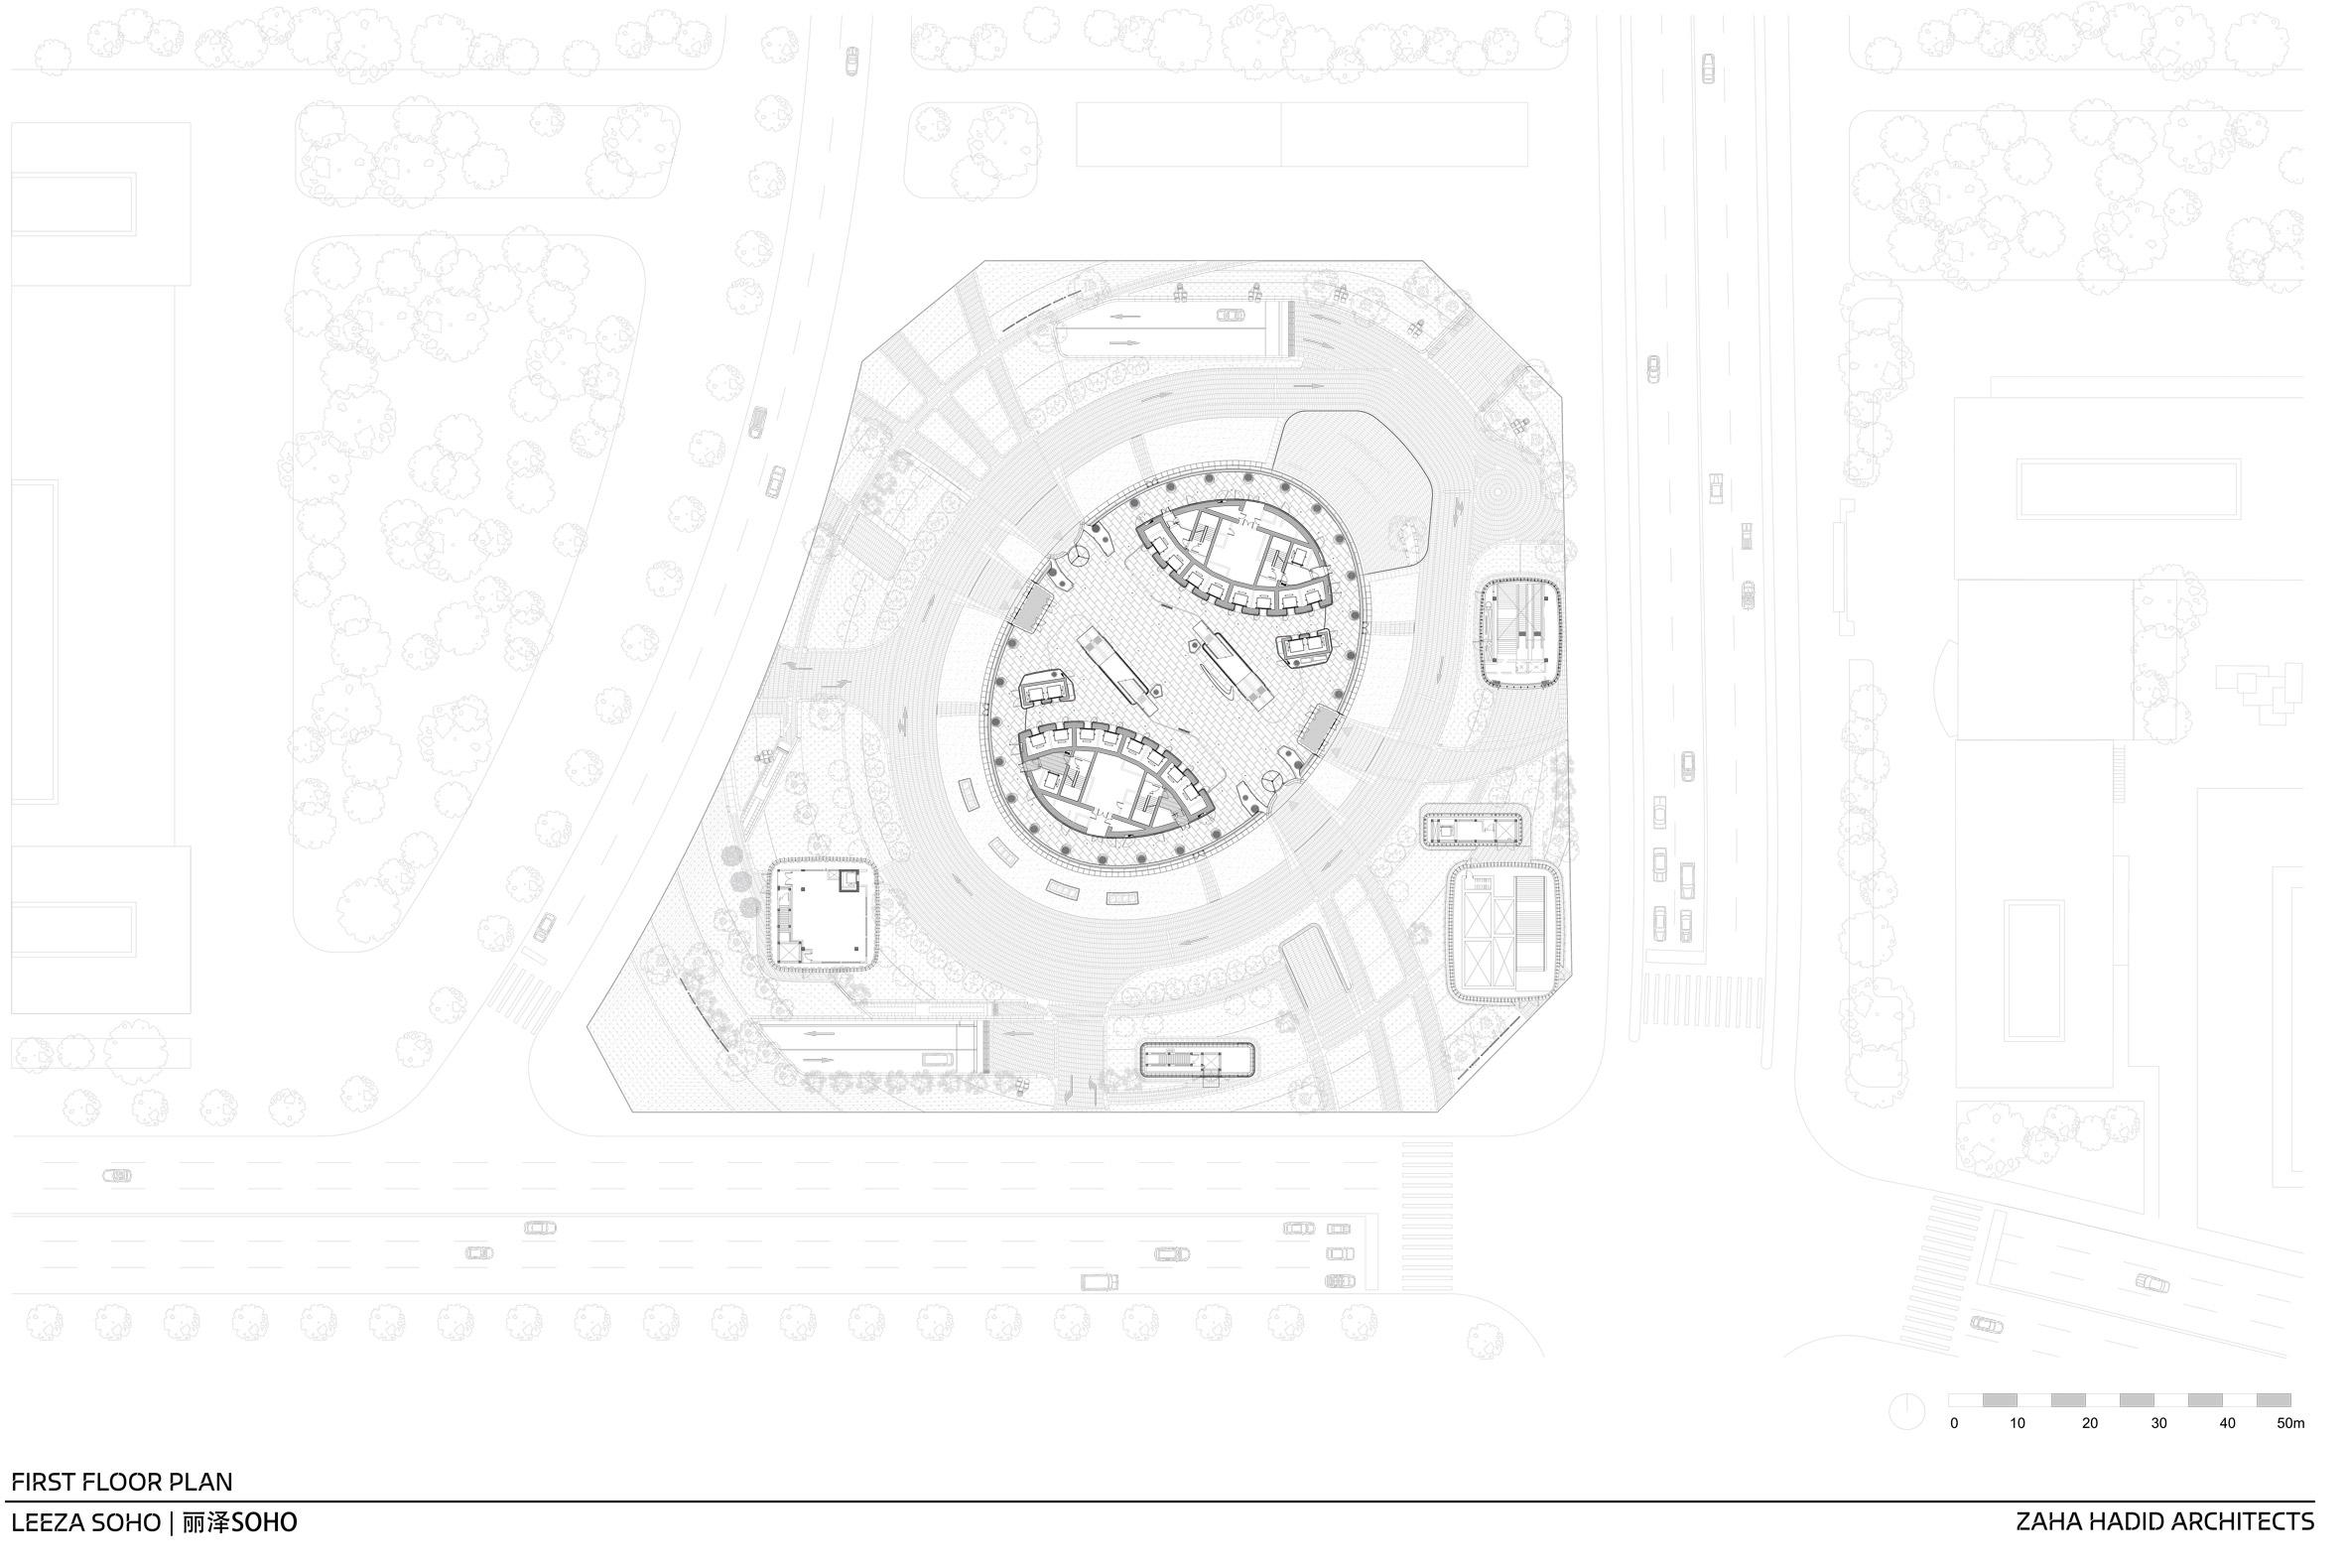 Zaha Hadid Architects Completes Leeza Soho Tower With World S Tallest Atrium